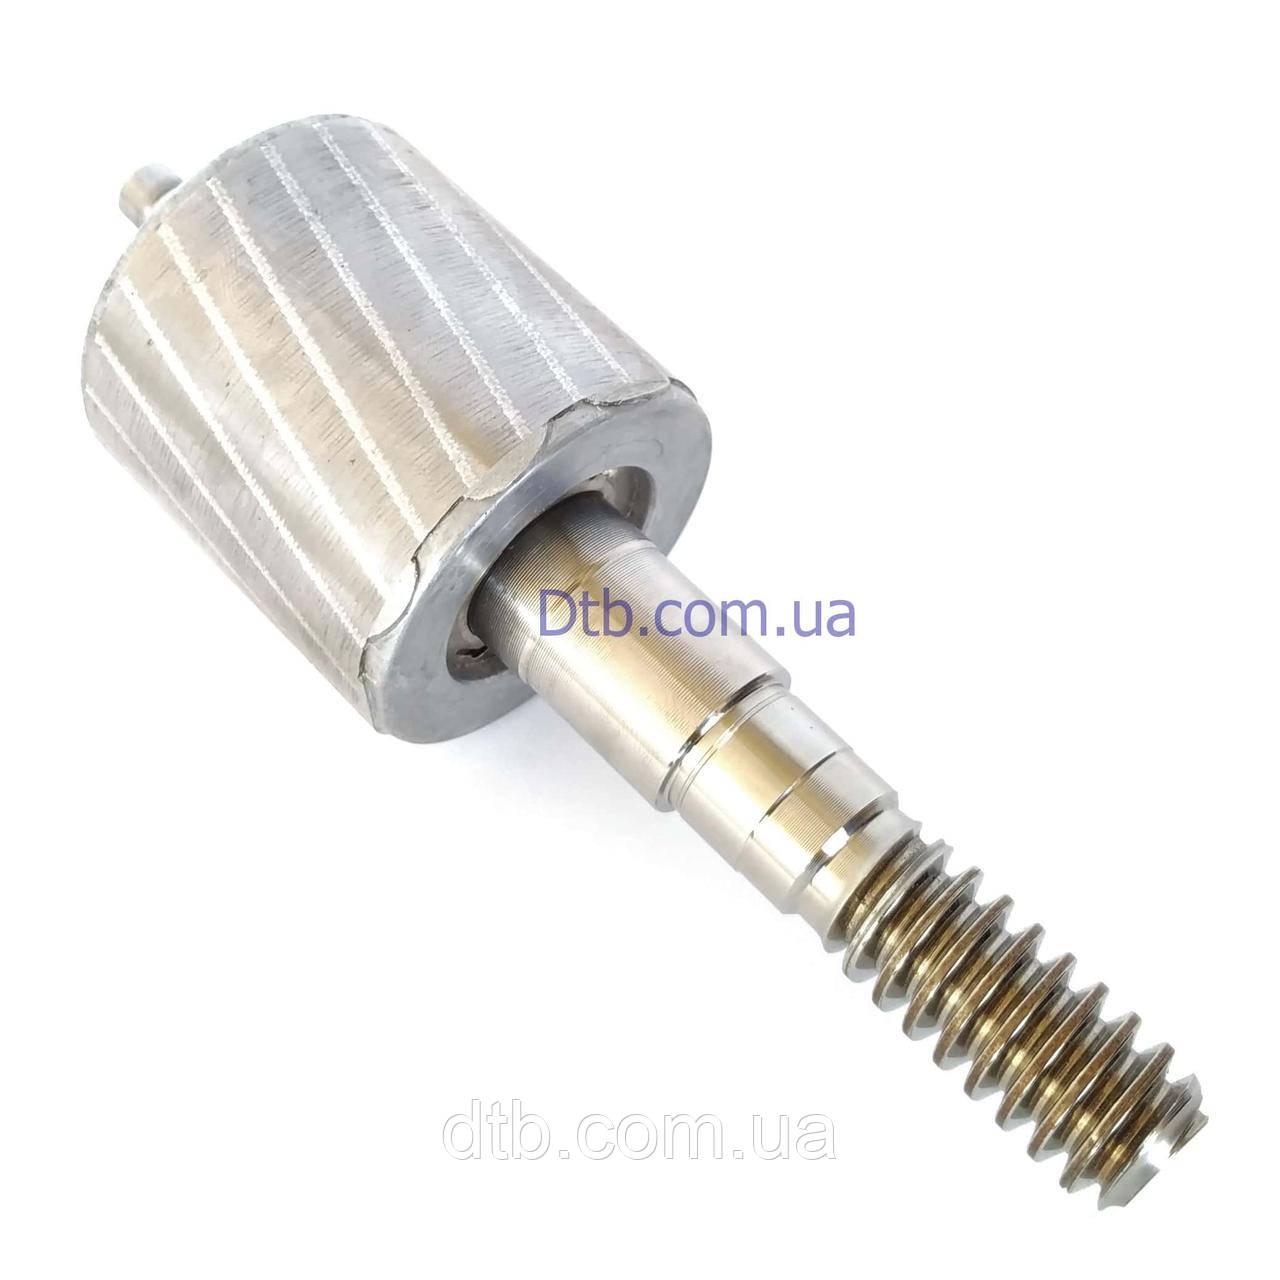 Ротор для привода Nice MB 4005, 4006, 5015, 5016